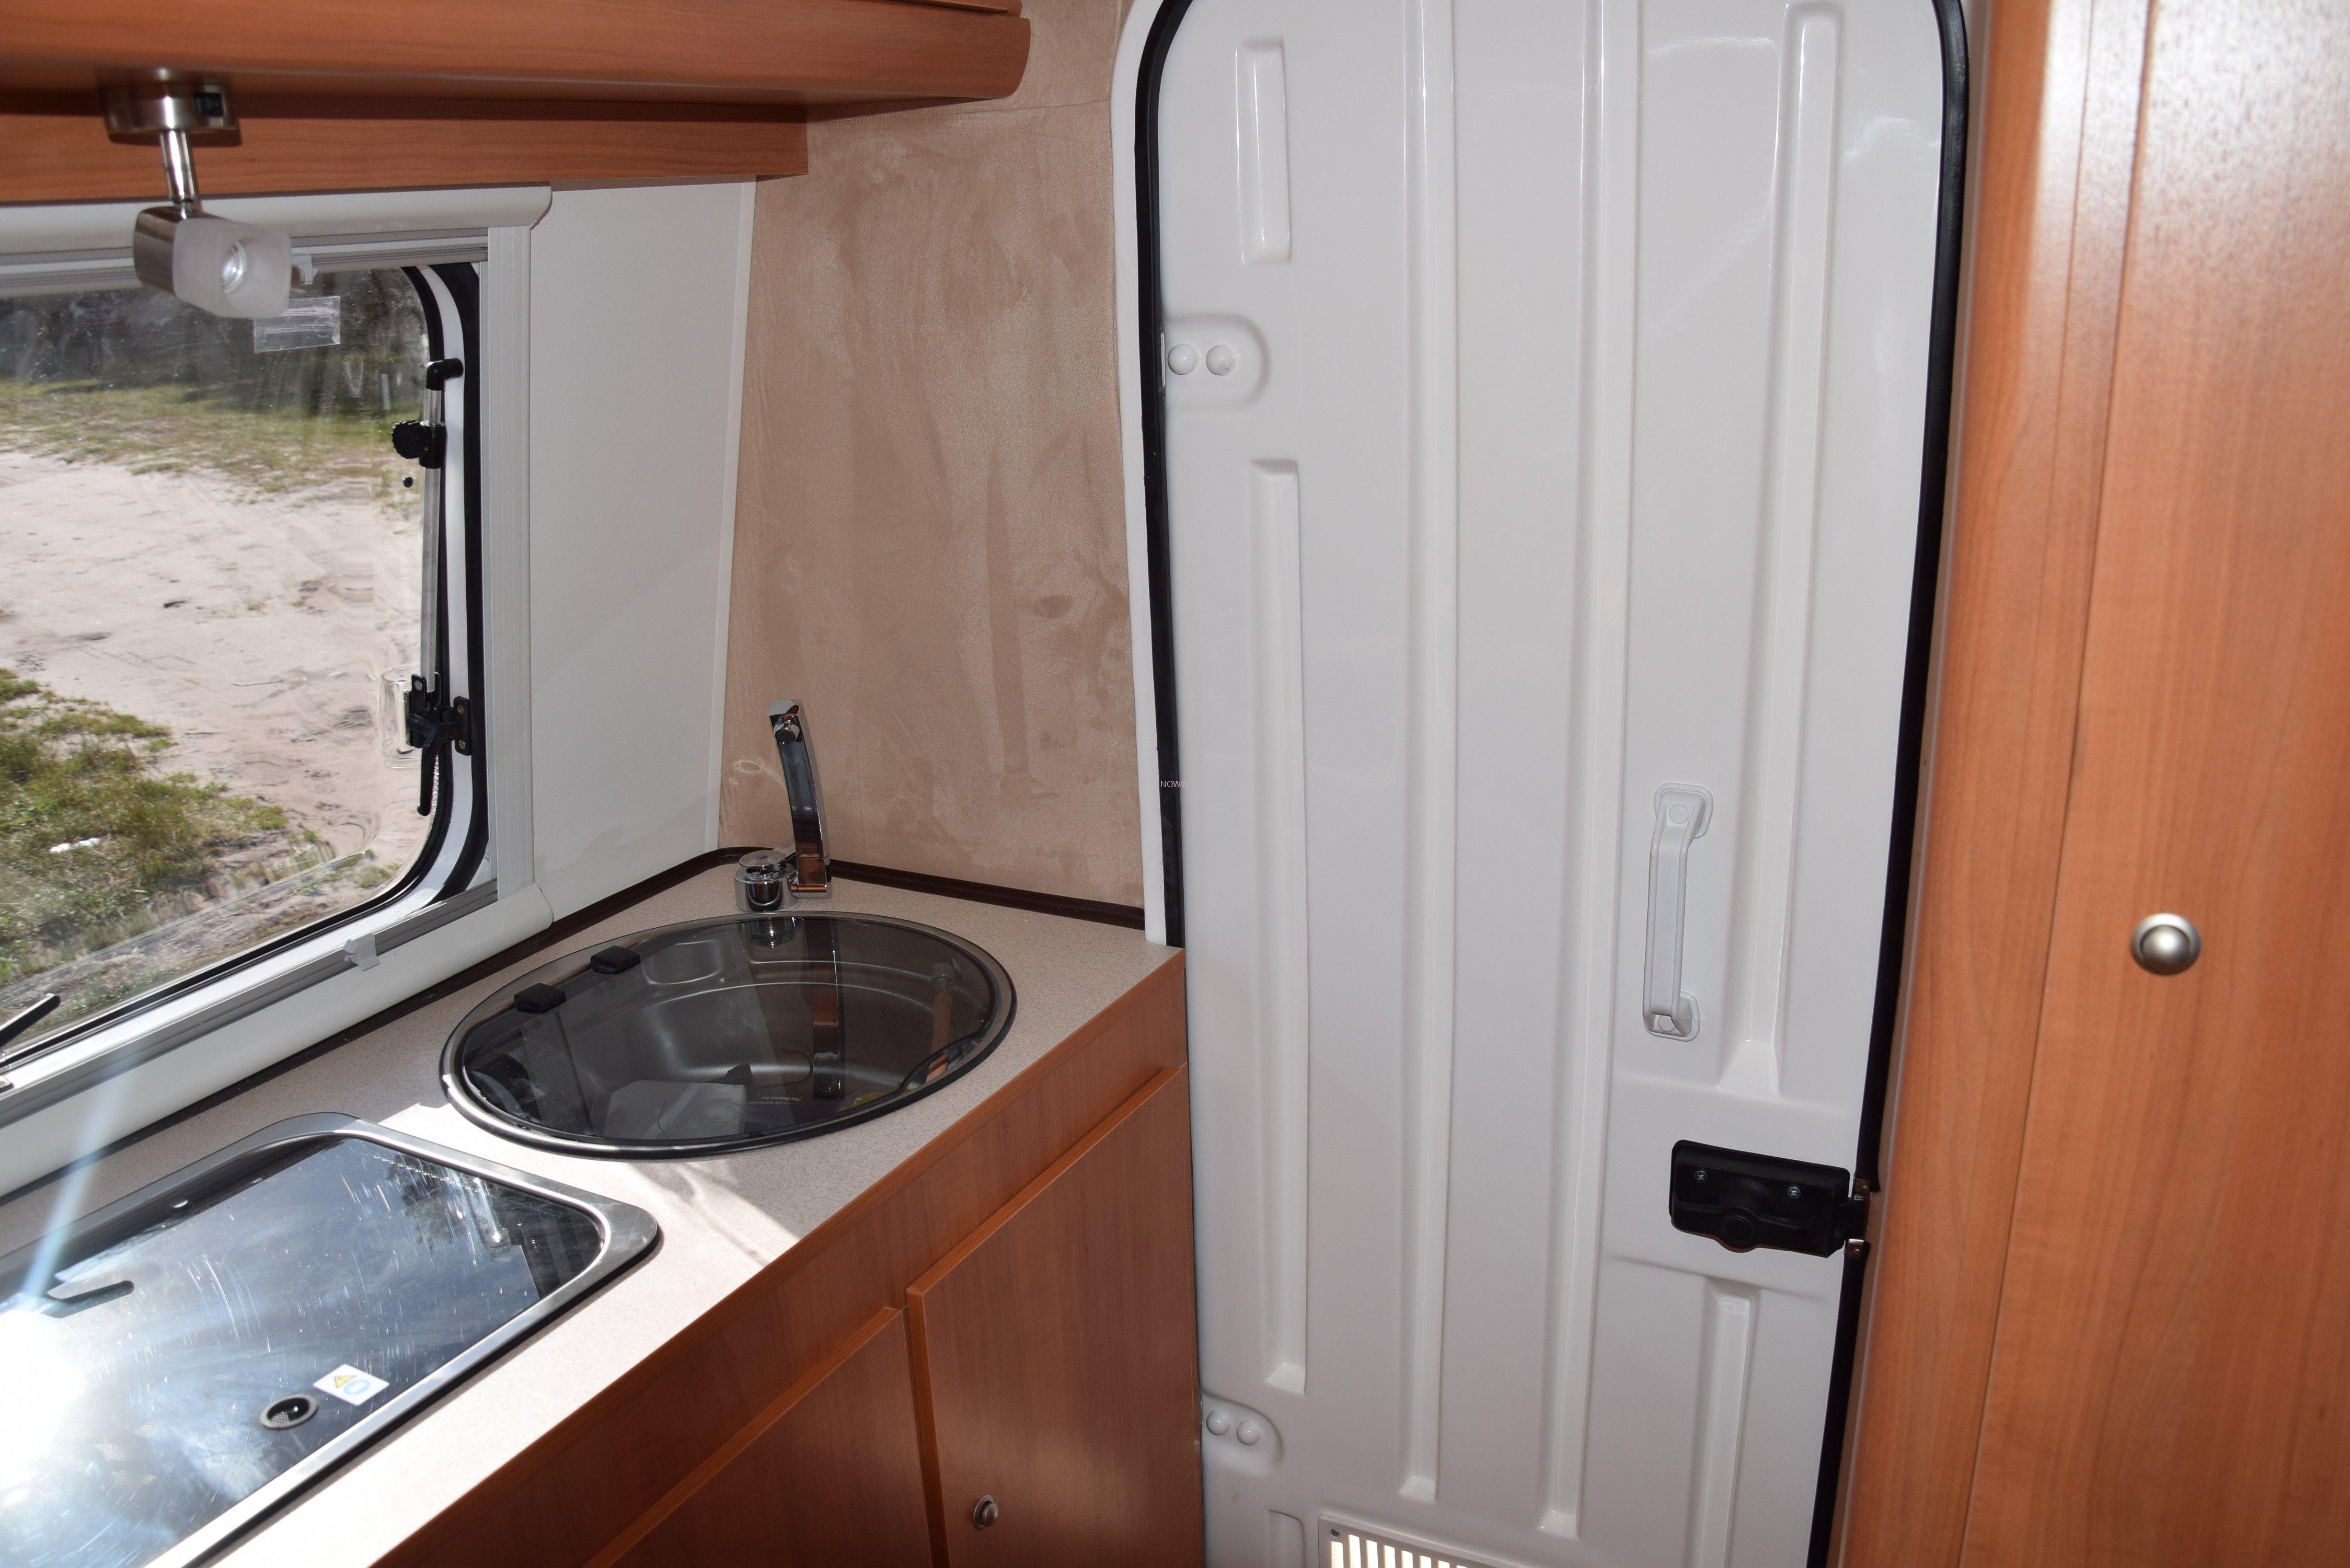 15604 Nowim Przyczepa Kempingowa Camping Z łazienką Wc Prysznicem Niewiadów 126 Et